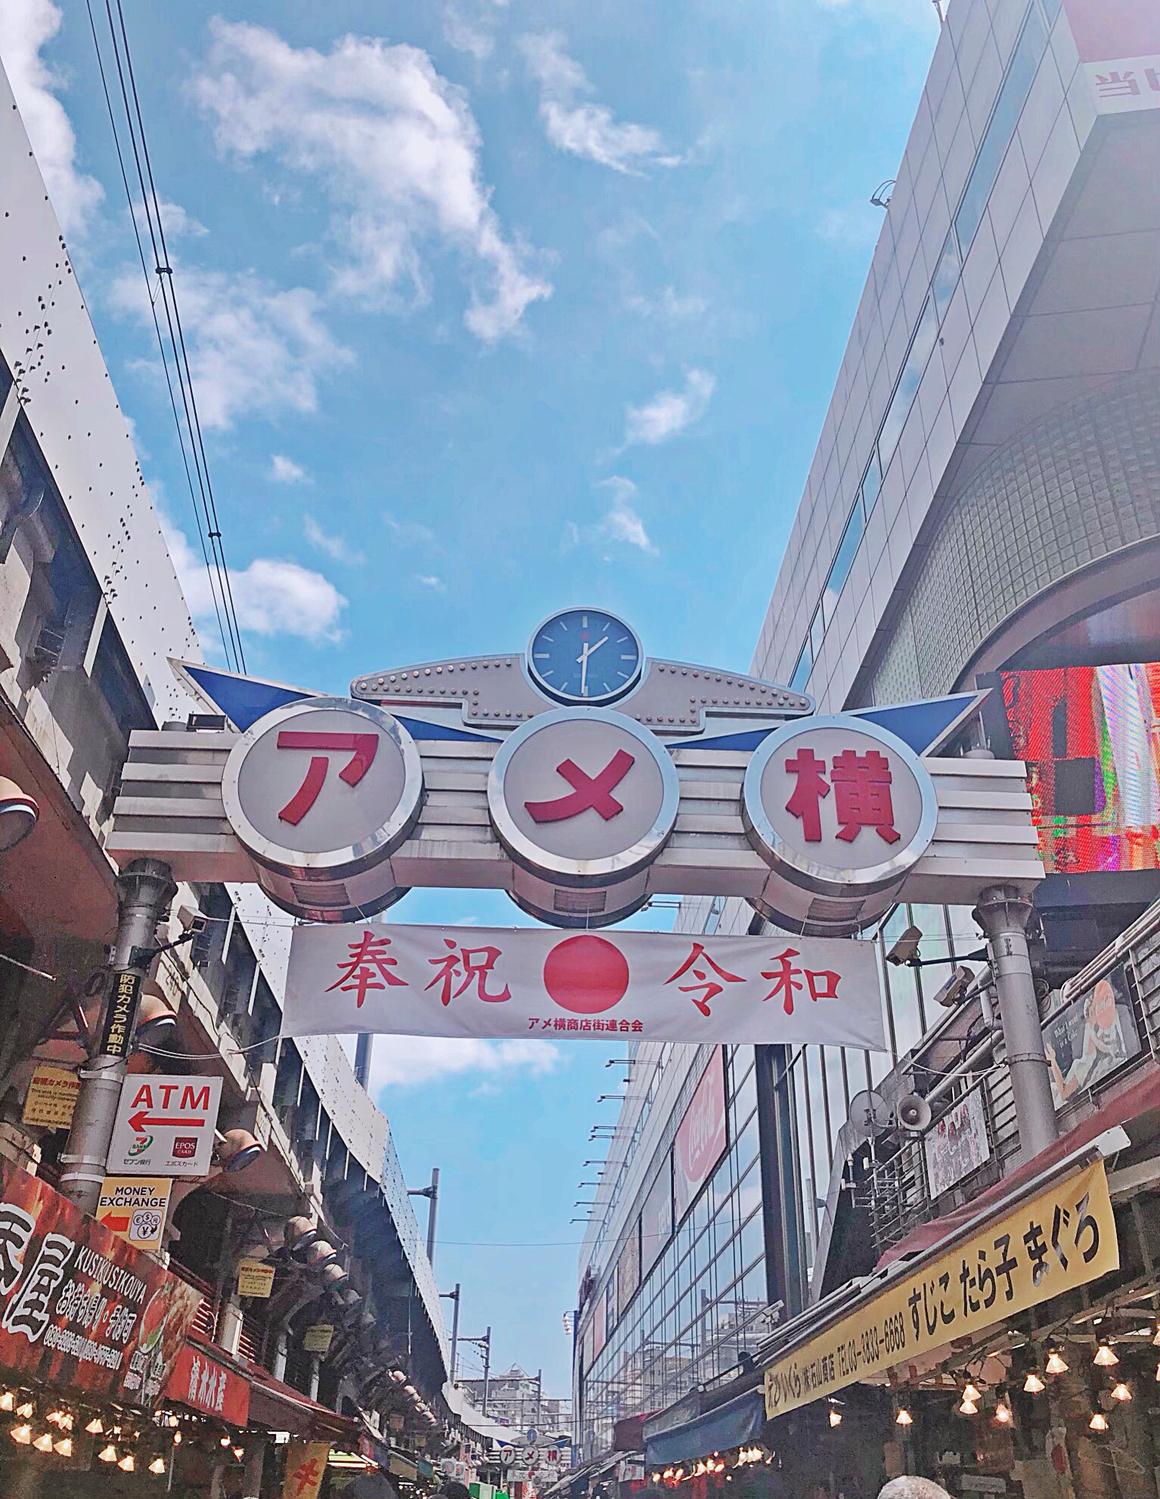 上野アメ横商店街